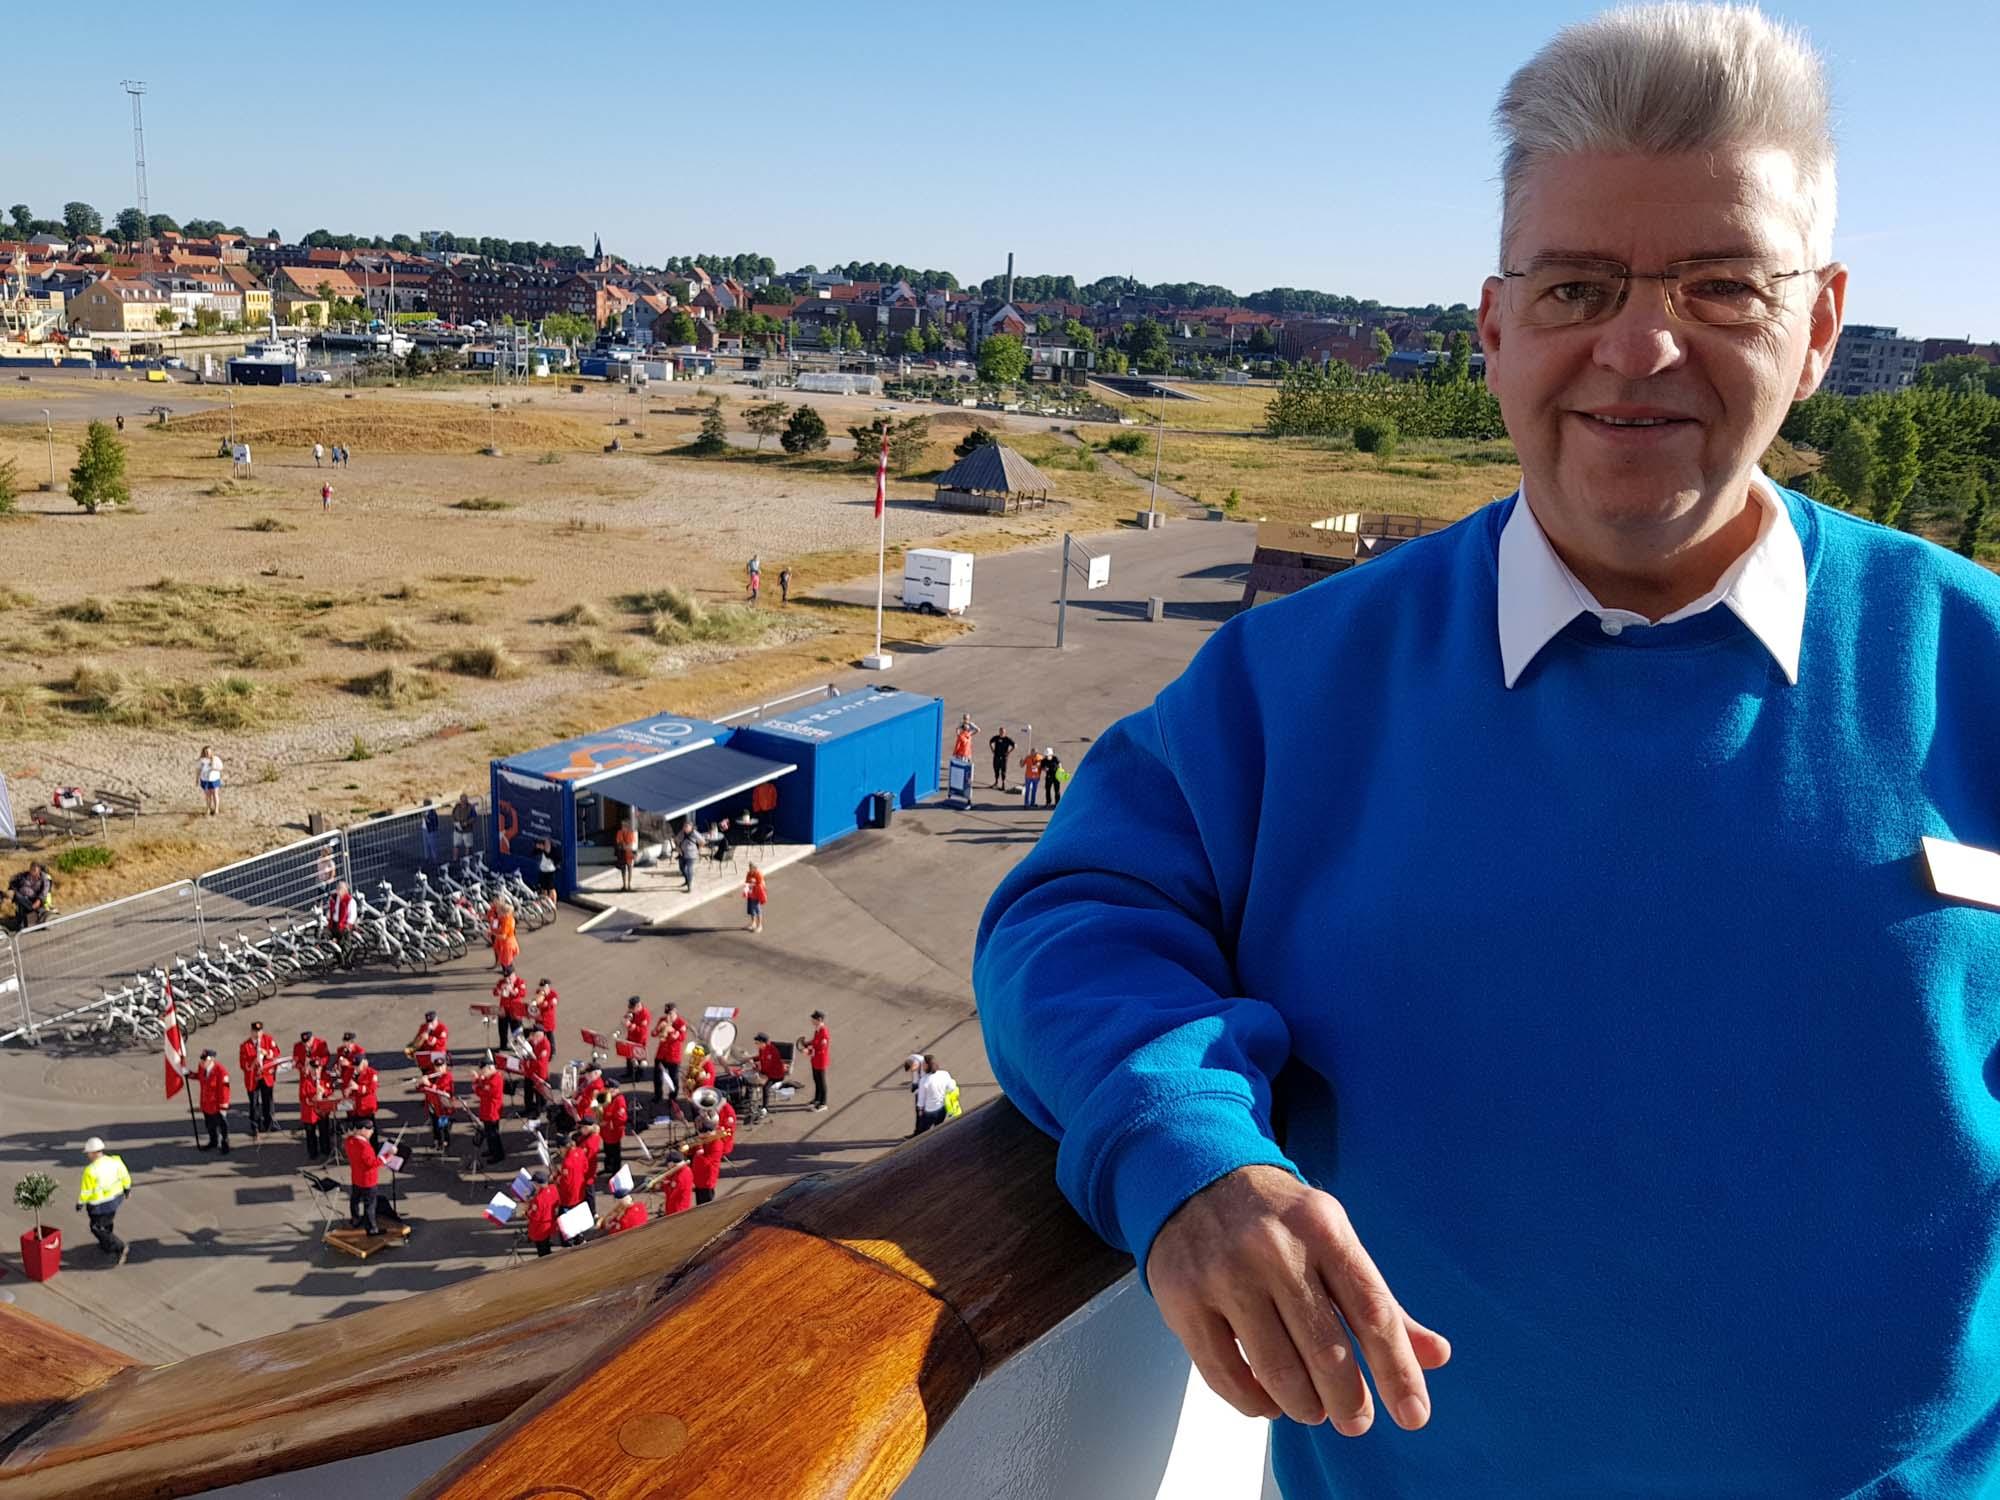 Peter Jurgilewitsch im Hafen von Fredericia in Dänemark